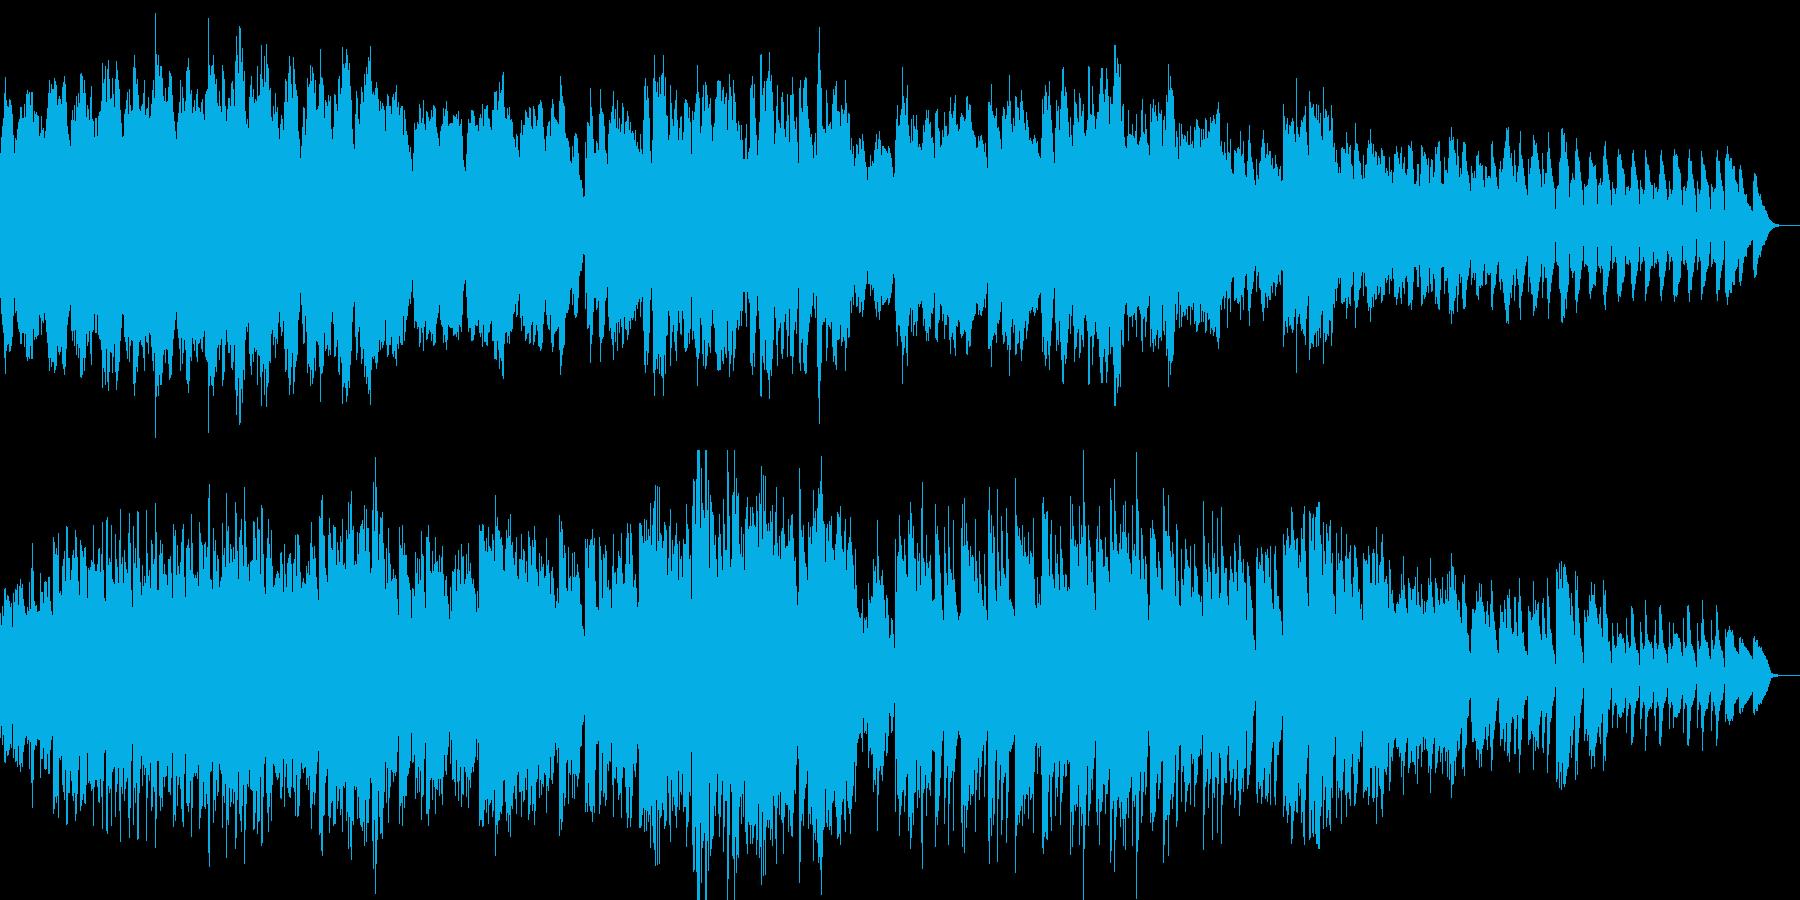 ほのぼのした雰囲気の優しいピアノ曲の再生済みの波形